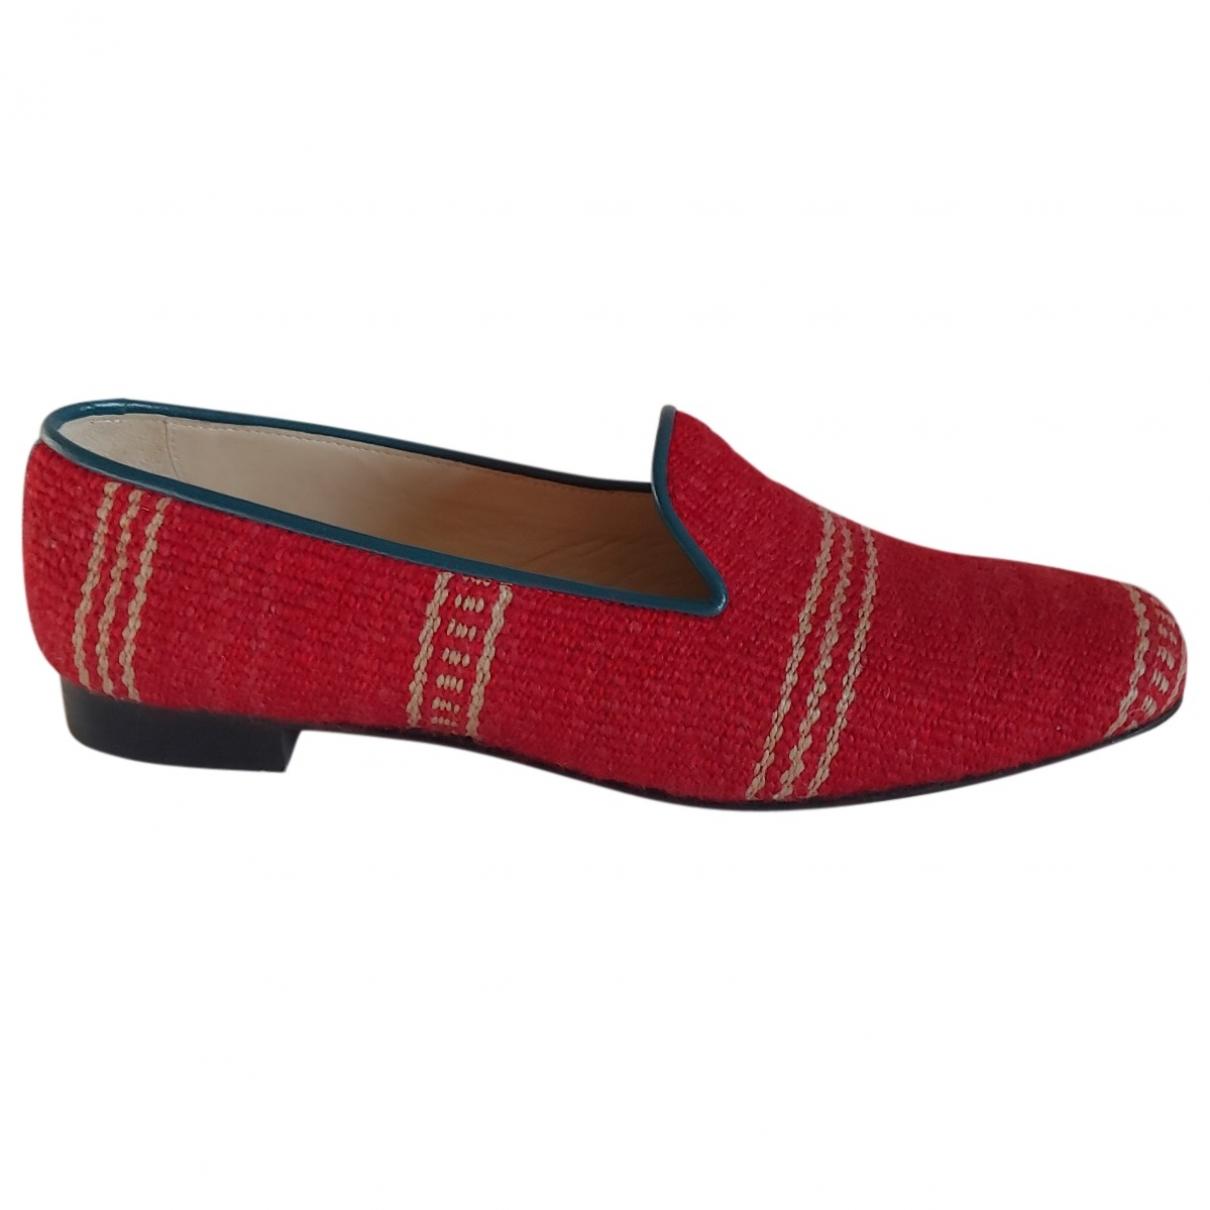 Penelope Chilvers - Escarpins   pour femme en toile - rouge